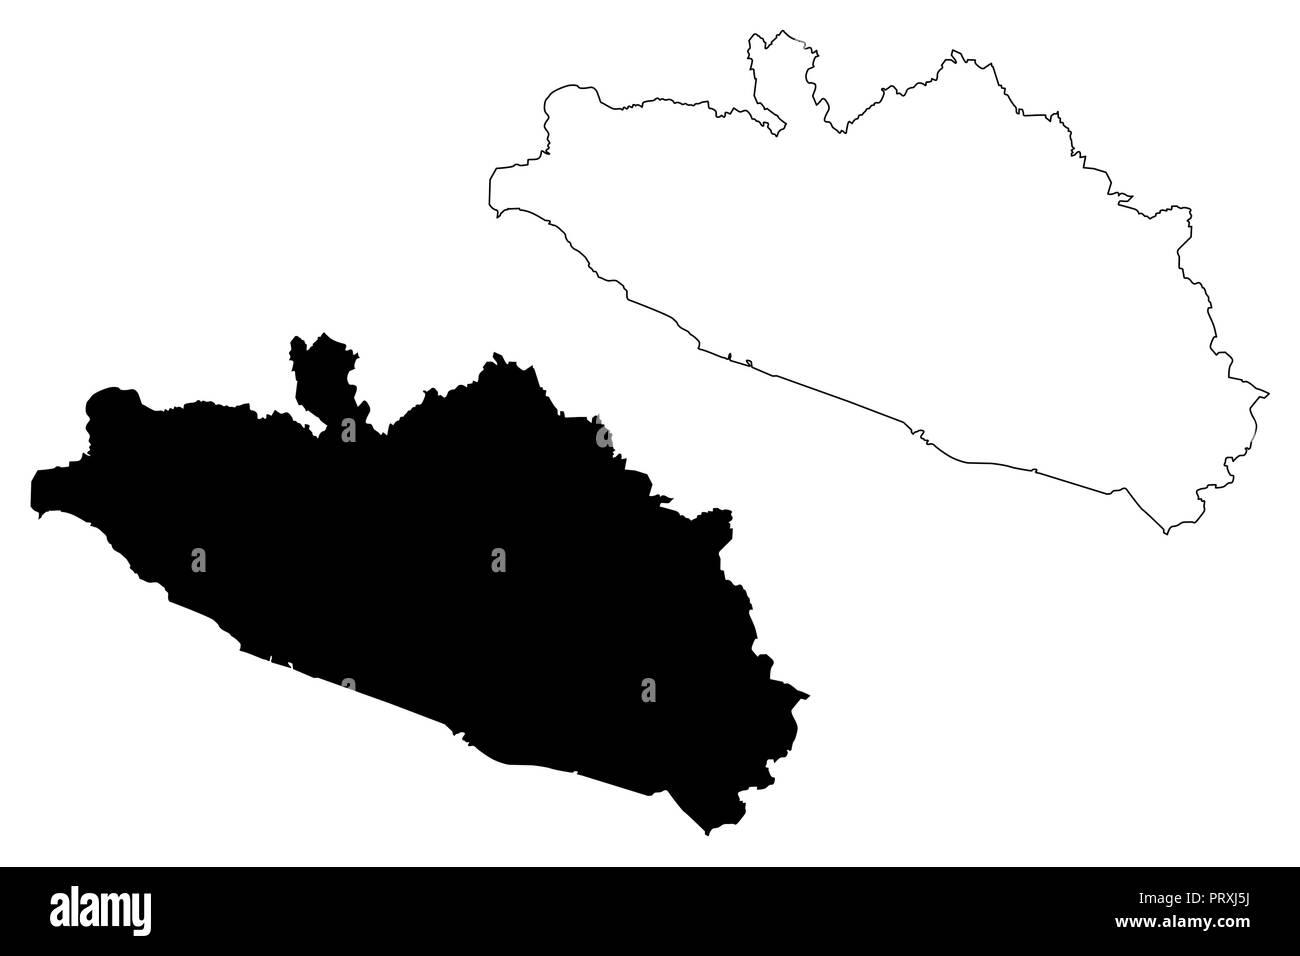 Guerrero Estados Unidos Mexicanos México República Federal Mapa